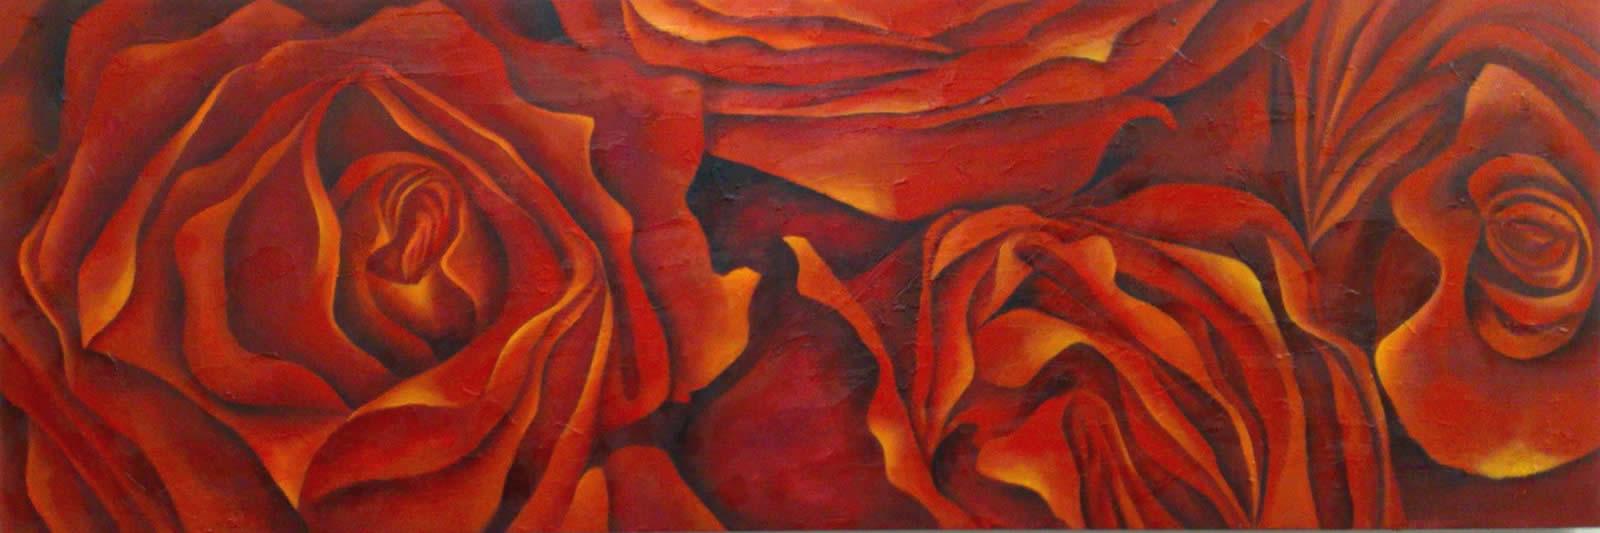 Rosas Vermelhas - Acrílica sobre Tela - Cláudia Verônica